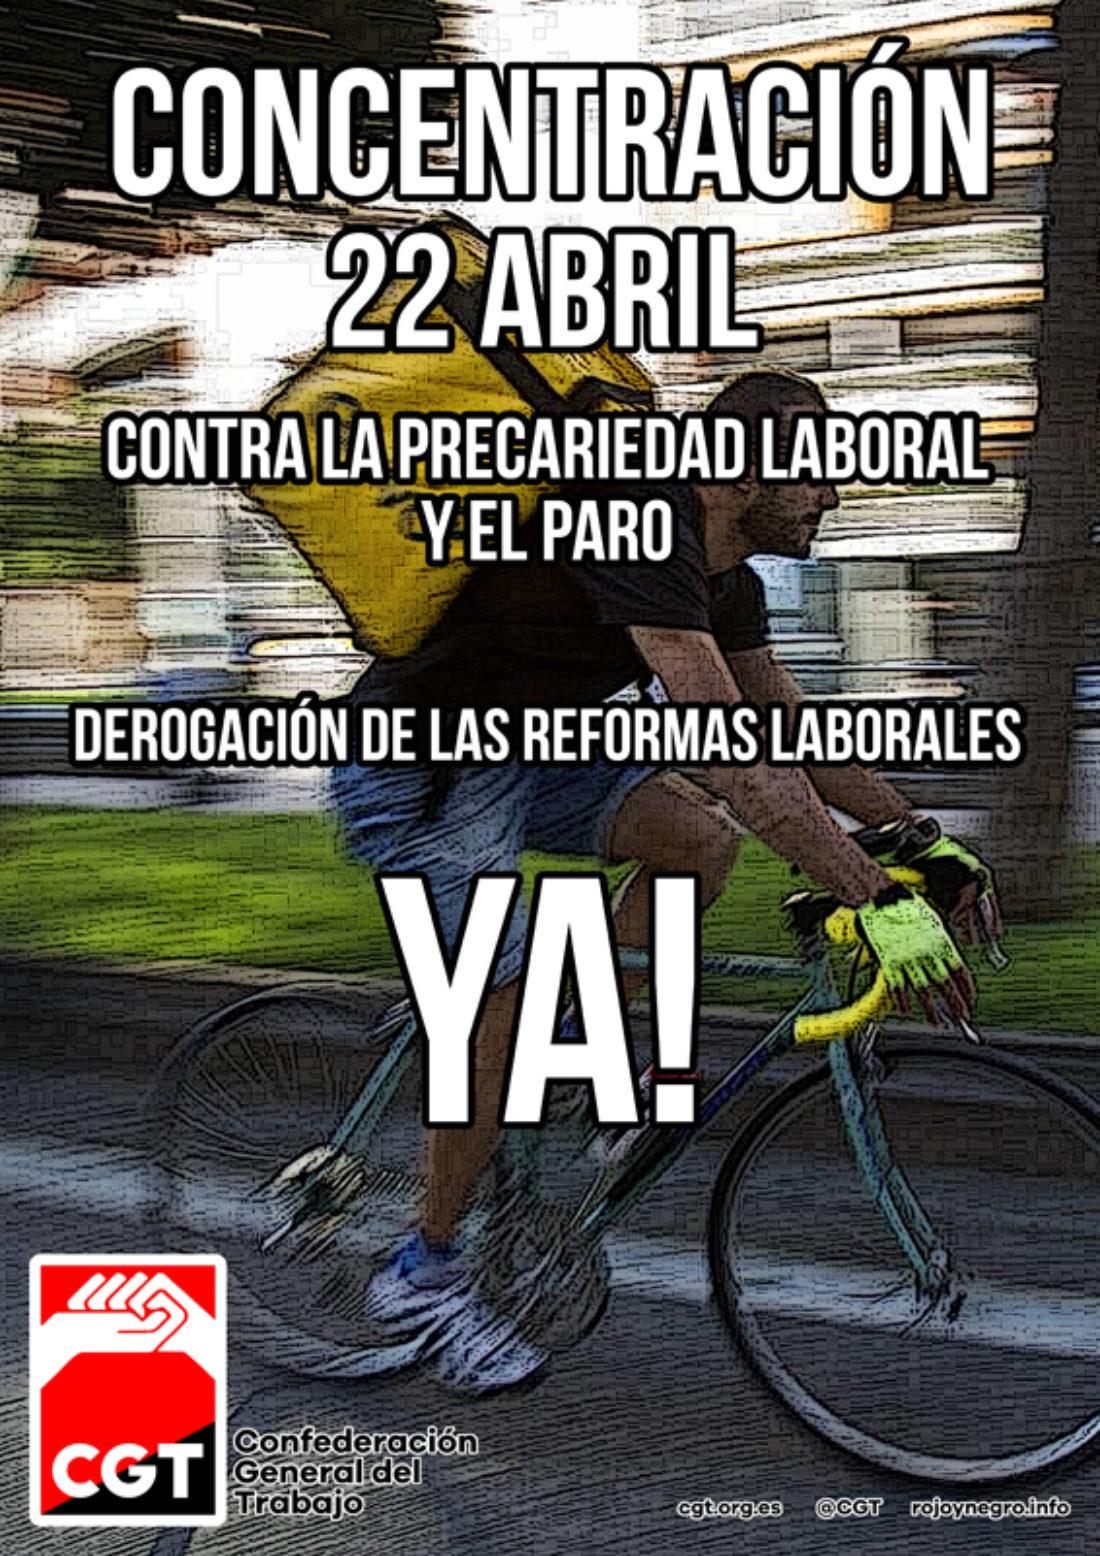 CGT anuncia movilizaciones contra las Reformas Laborales de PSOE y PP